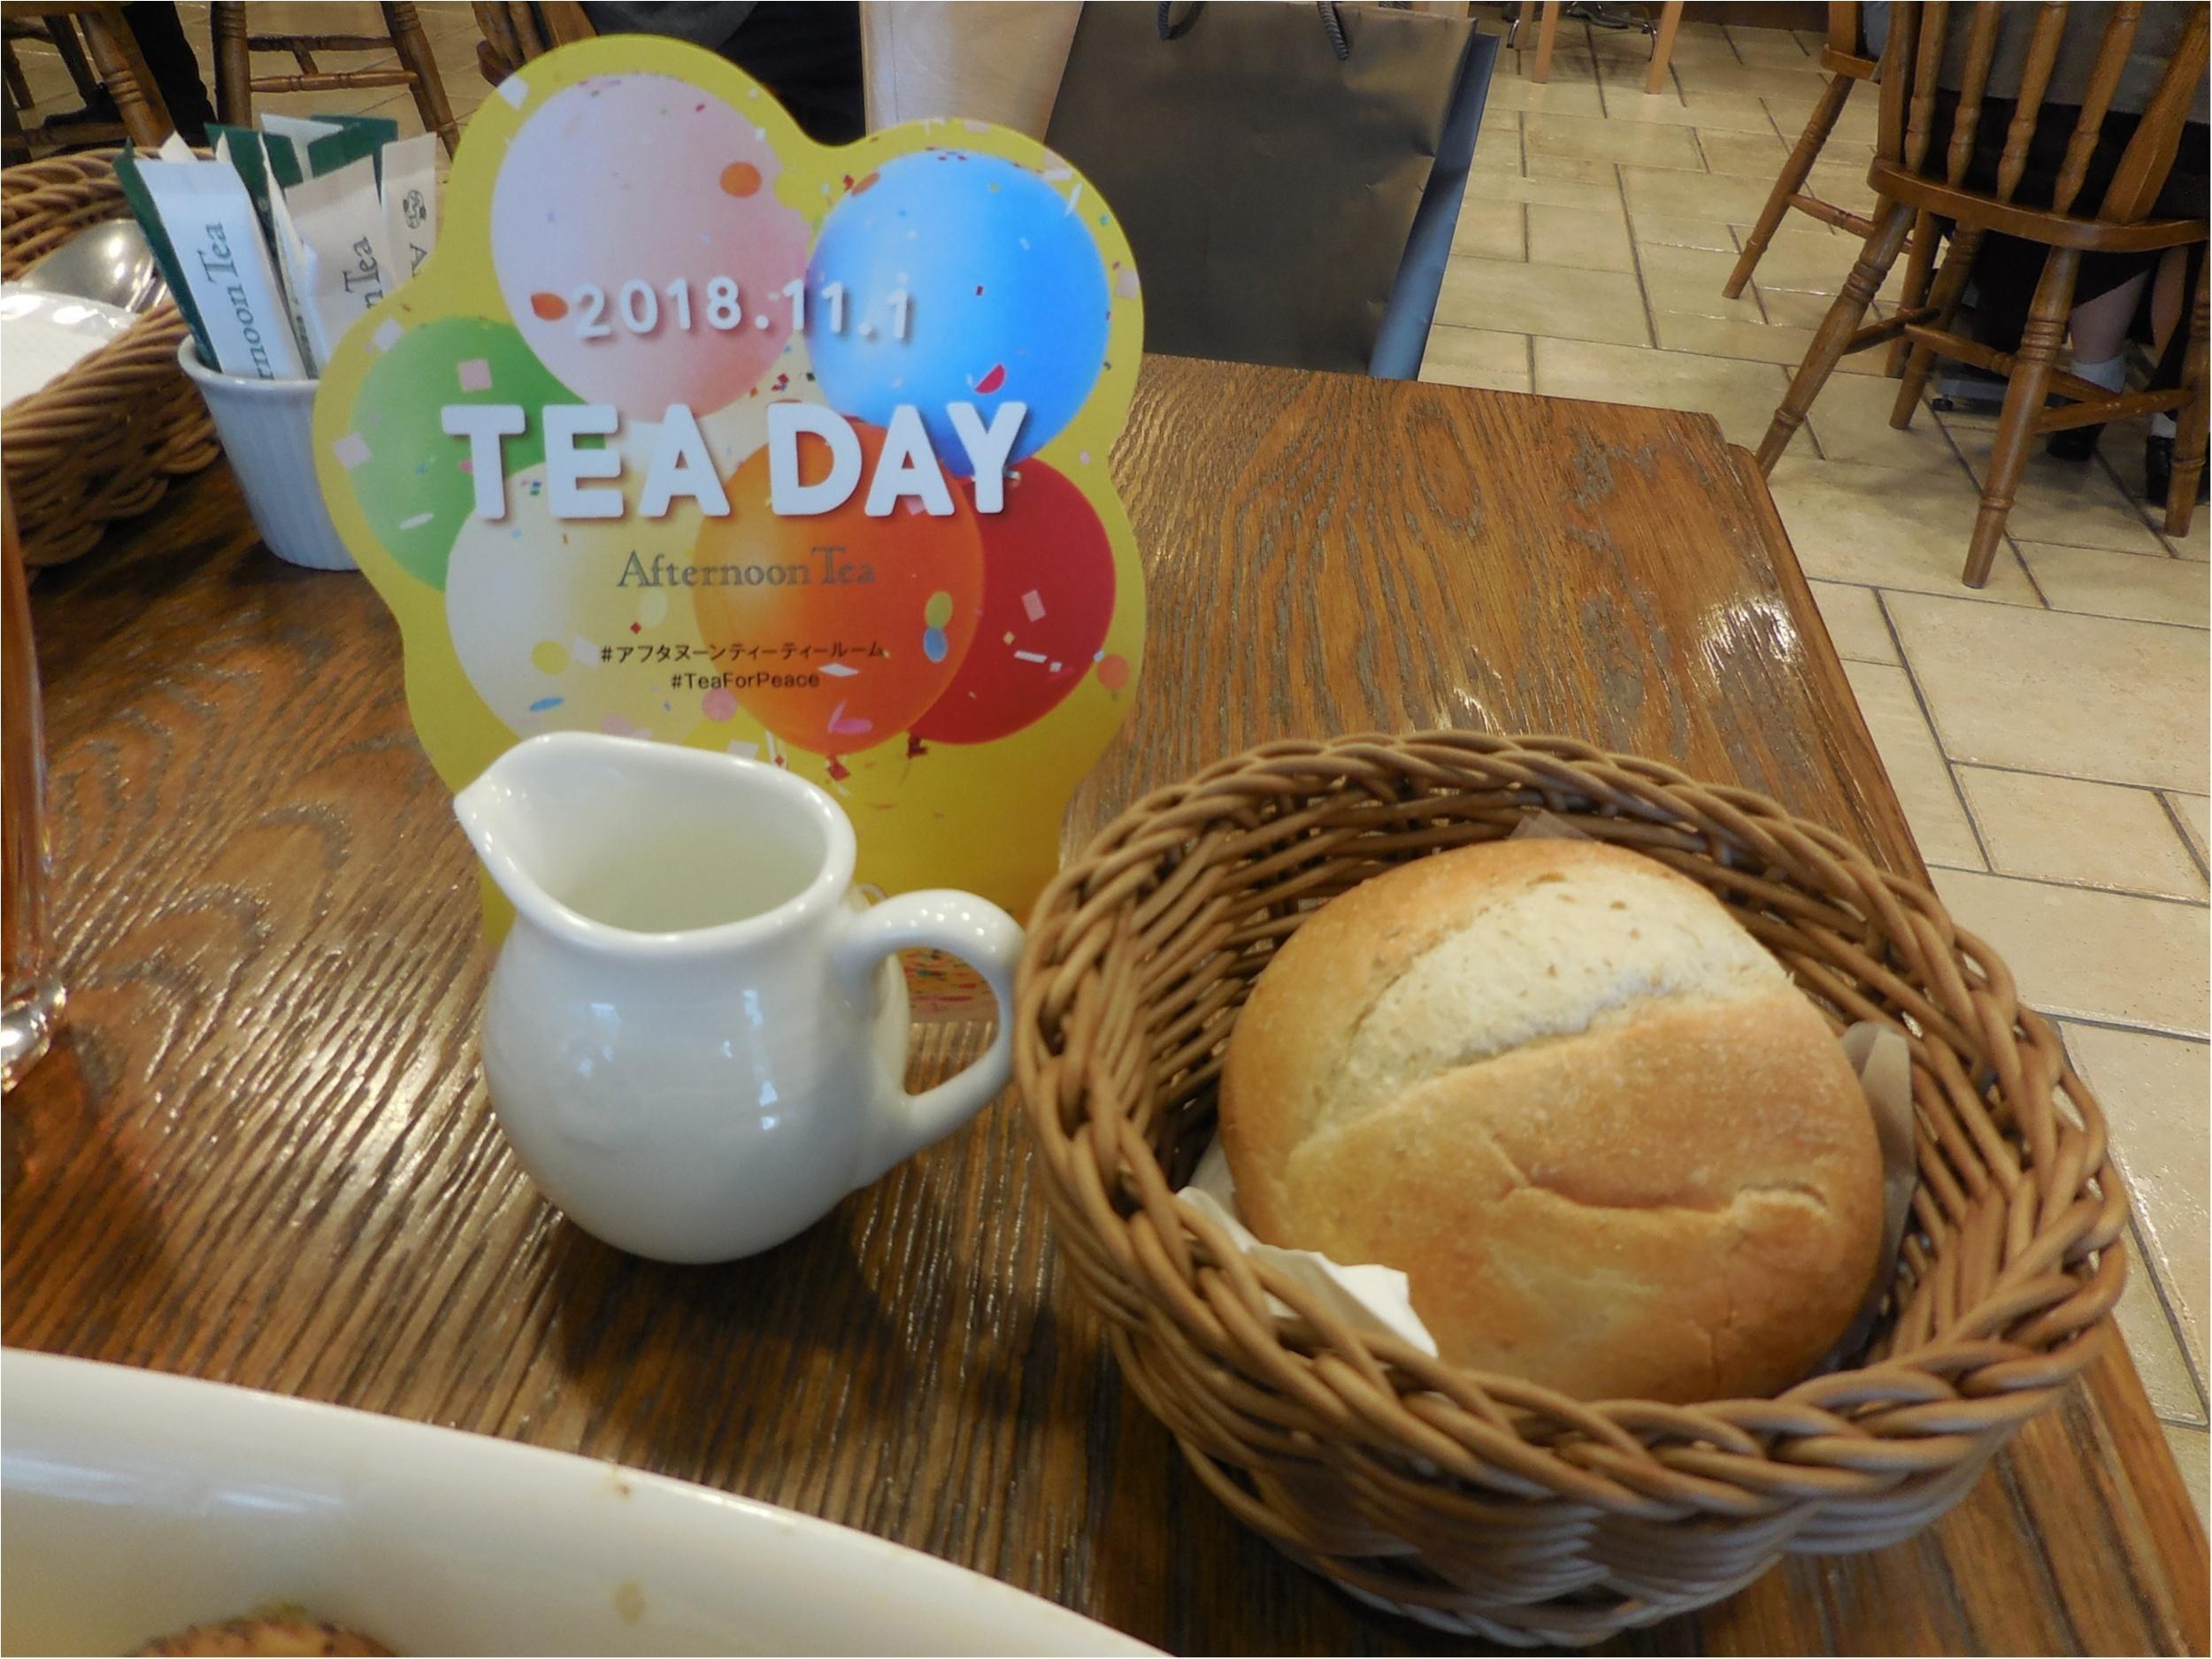 【アフタヌーンティー・ティールーム TEA DAY】11月1日は紅茶の日で店内すべての紅茶が111円でした_5